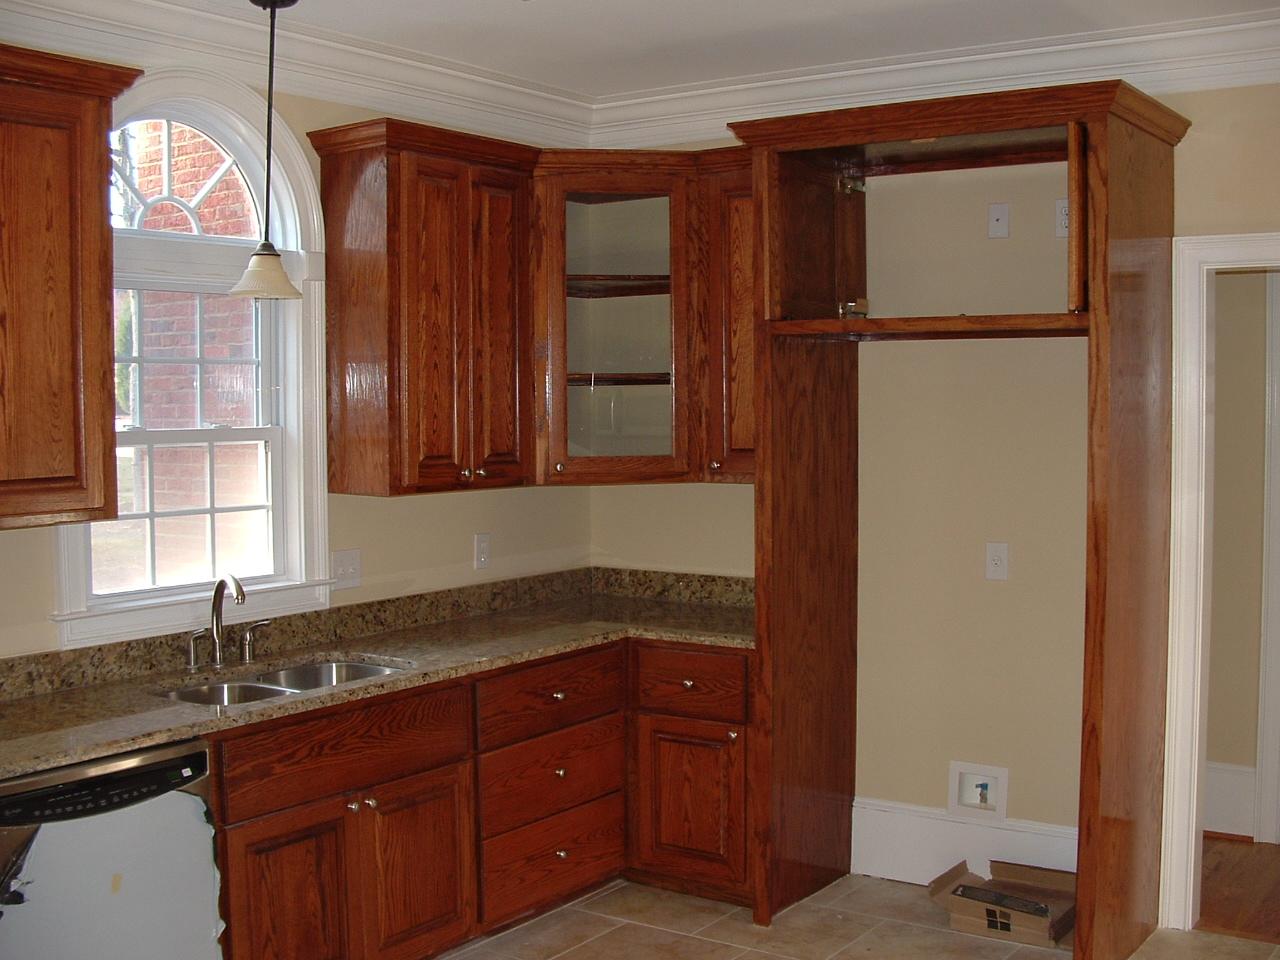 Kitchen cabinet door storage Photo - 10